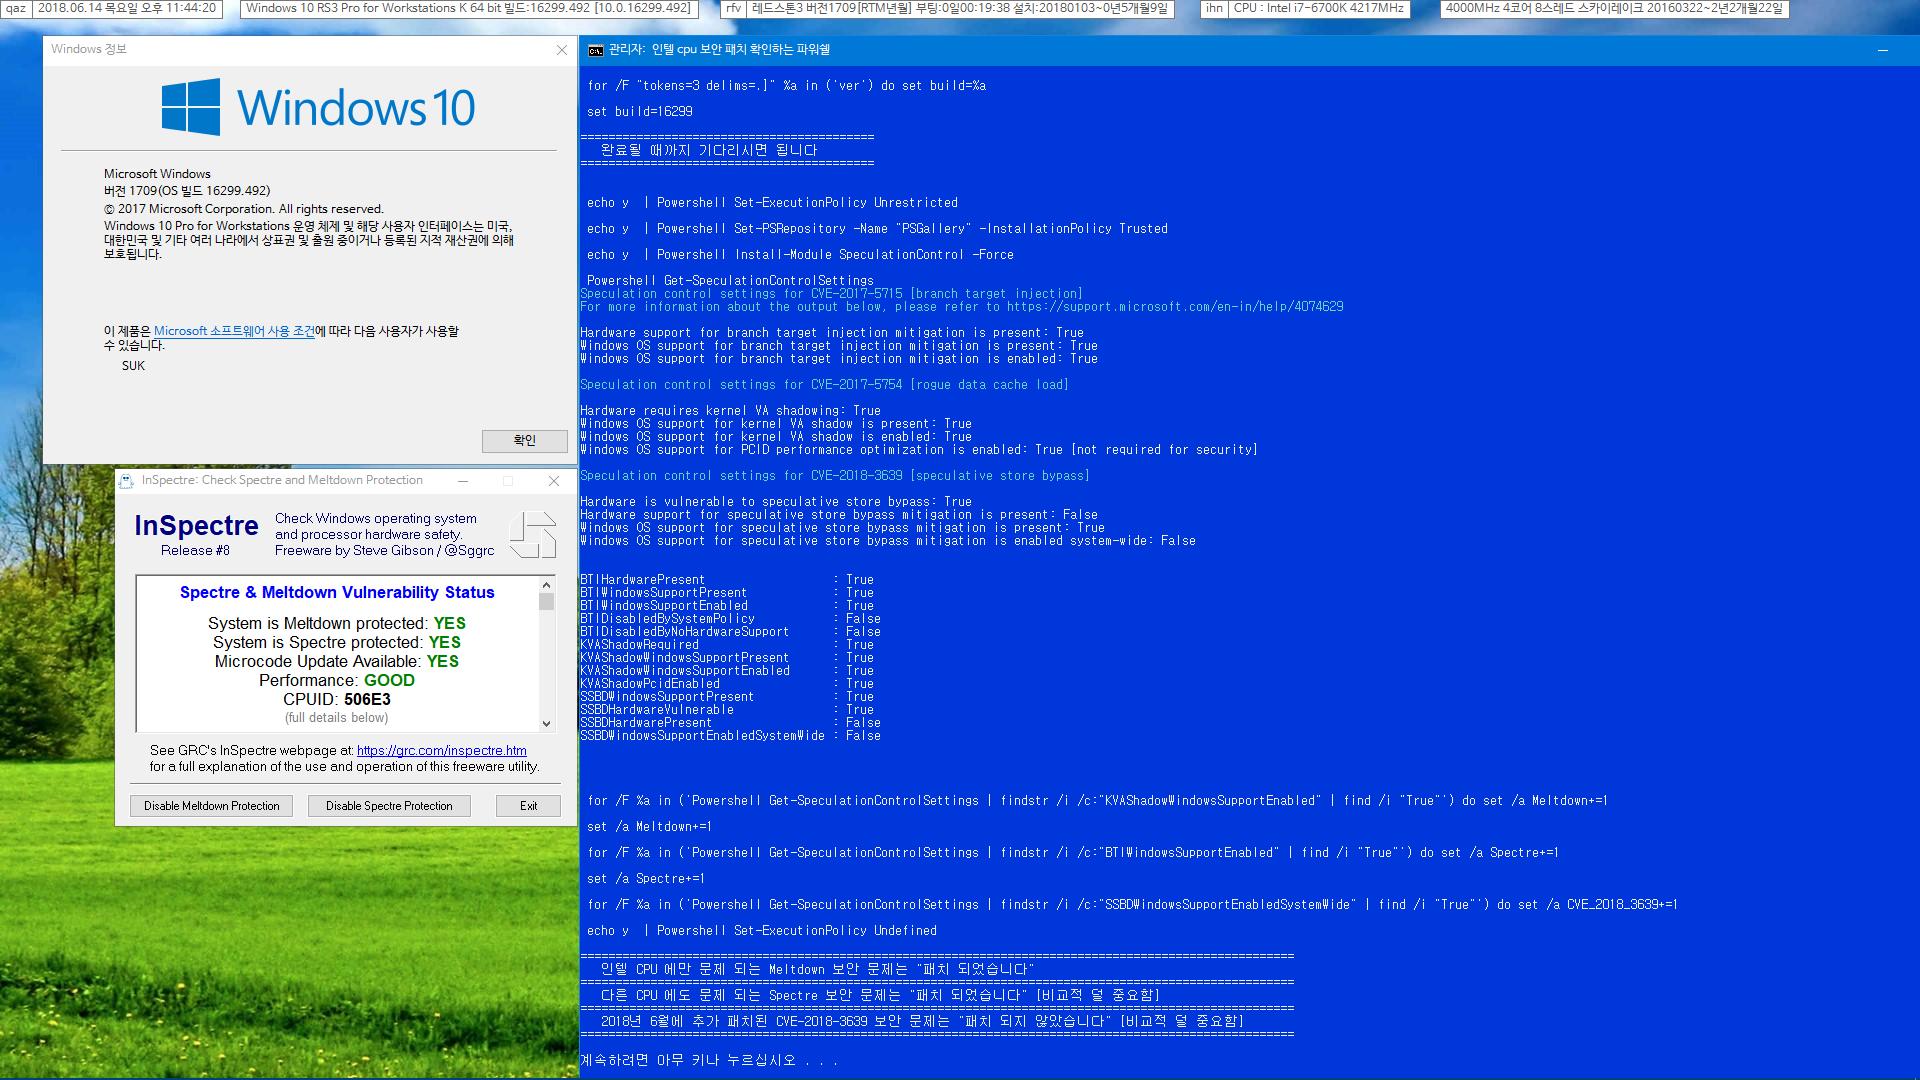 2018년 6월 정기 업데이트에 모든 윈도에 추가 패치 된 인텔 cpu 보안 버그 CVE-2018-3639 패치 여부는 기존의 파워쉘 bat 으로 확인이 가능하네요 - 윈도 업데이트에 패치가 되어 있지만 기본 비활성 되어 있습니다 orz - 레지스트리로 활성해봅니다. 재부팅 필요 - 재부팅 해도 비활성이네요 음 2018-06-14_234420.png